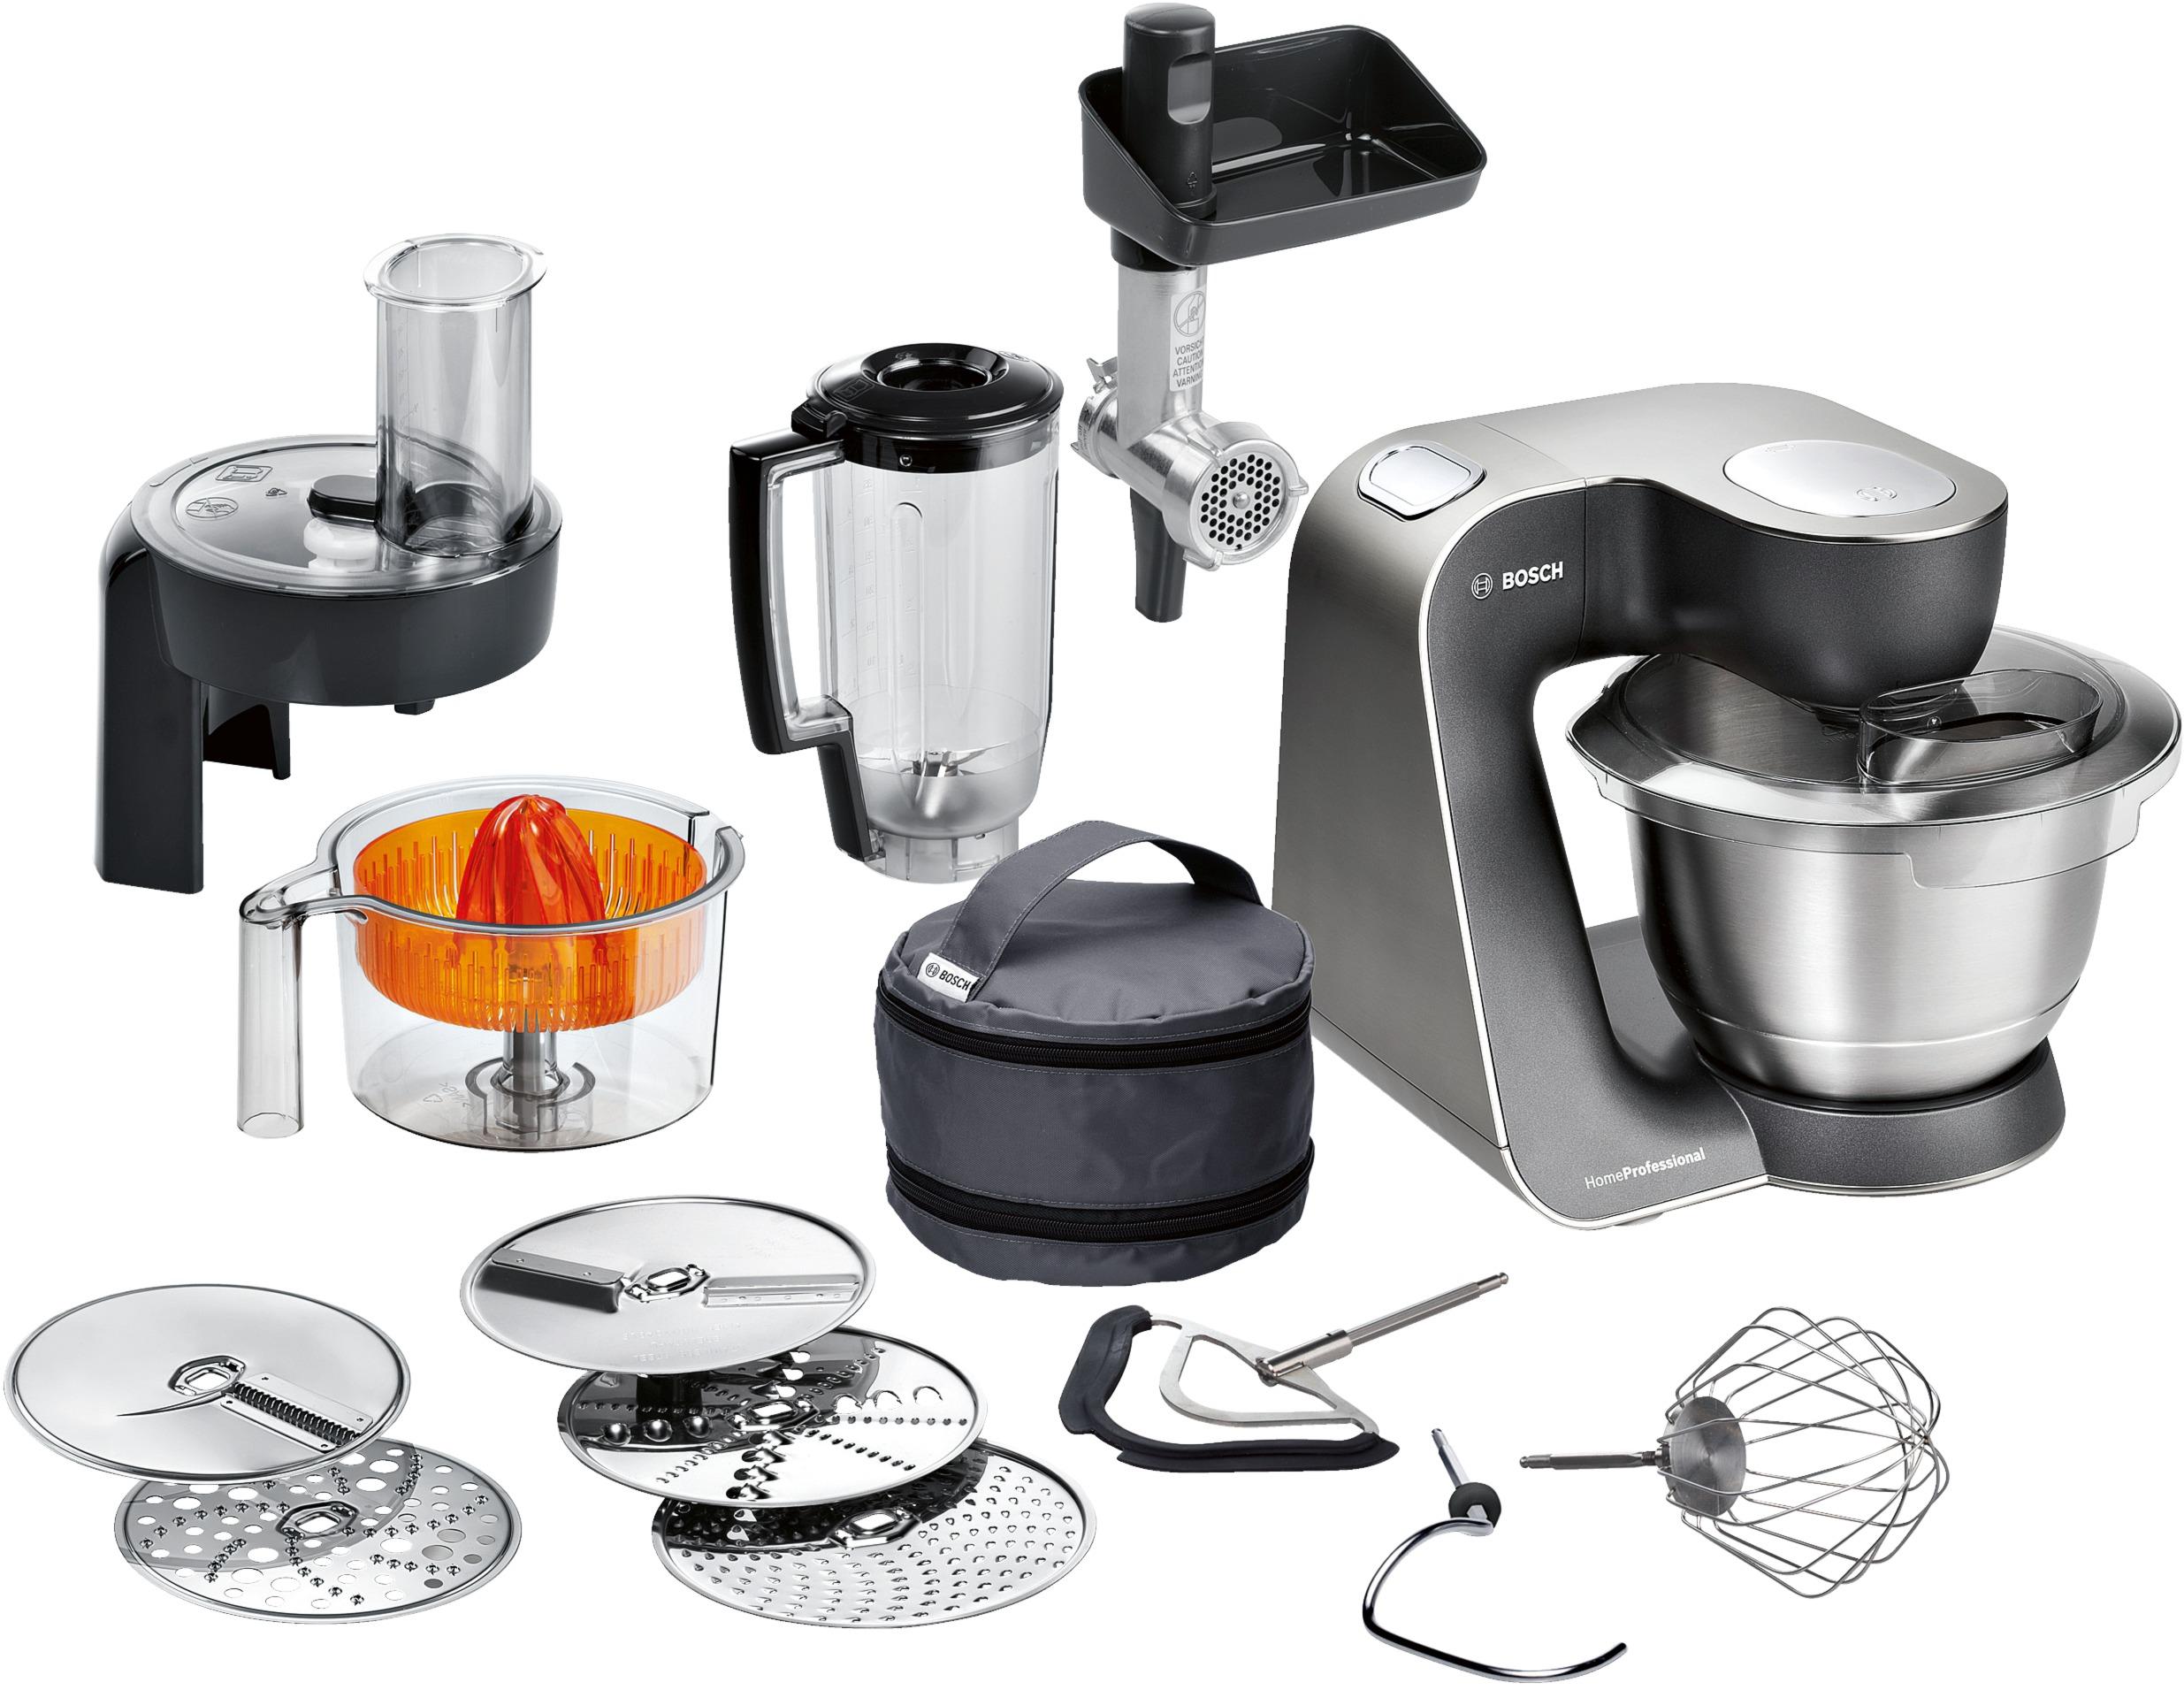 Bosch Home Professional Kitchen Machine